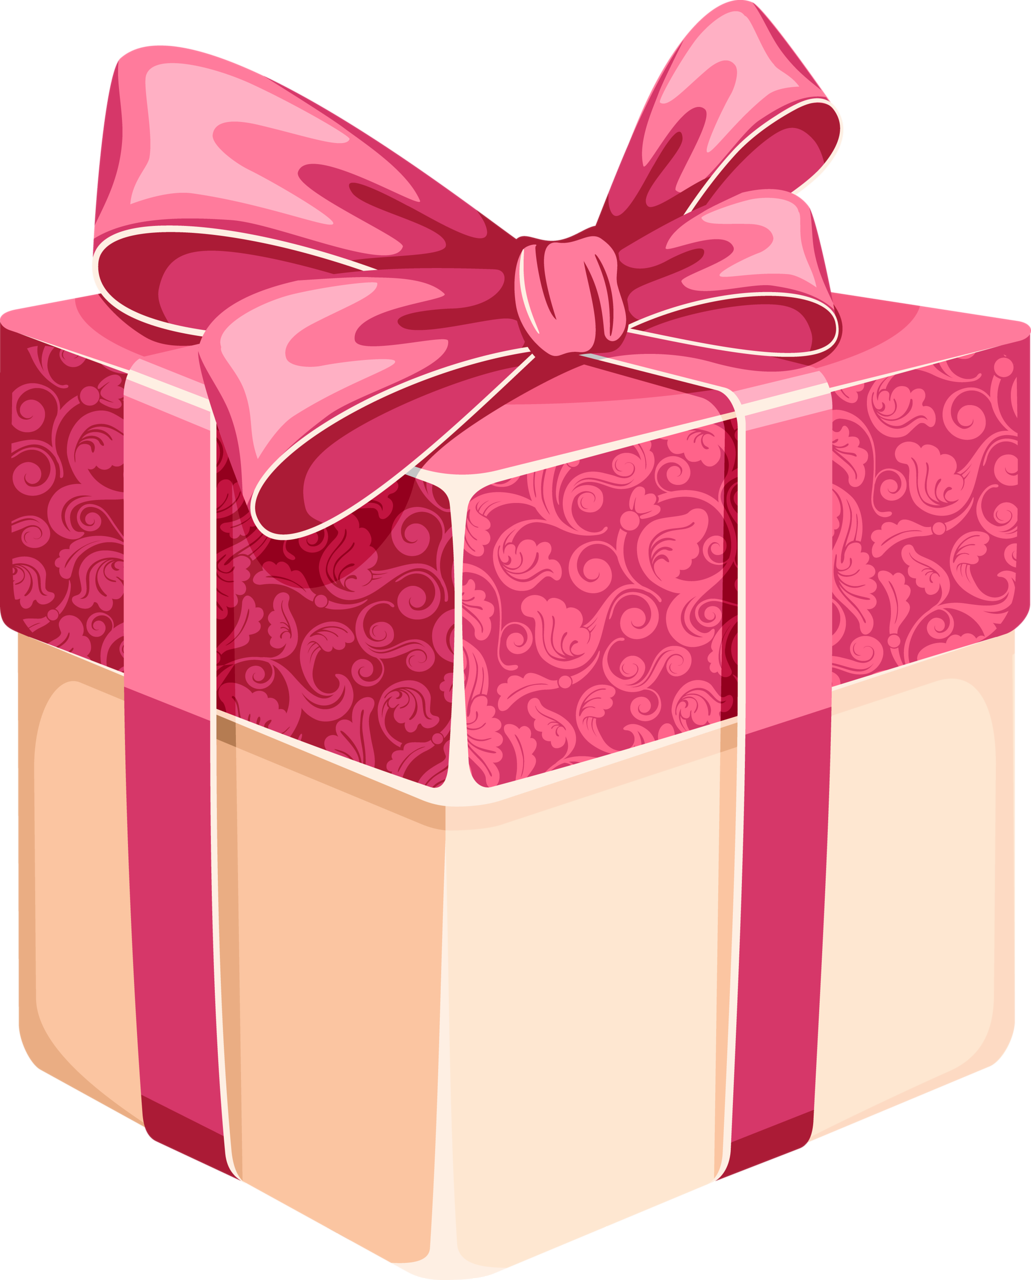 помощь оздоровлении подарочек картинка на прозрачном фоне тем, как